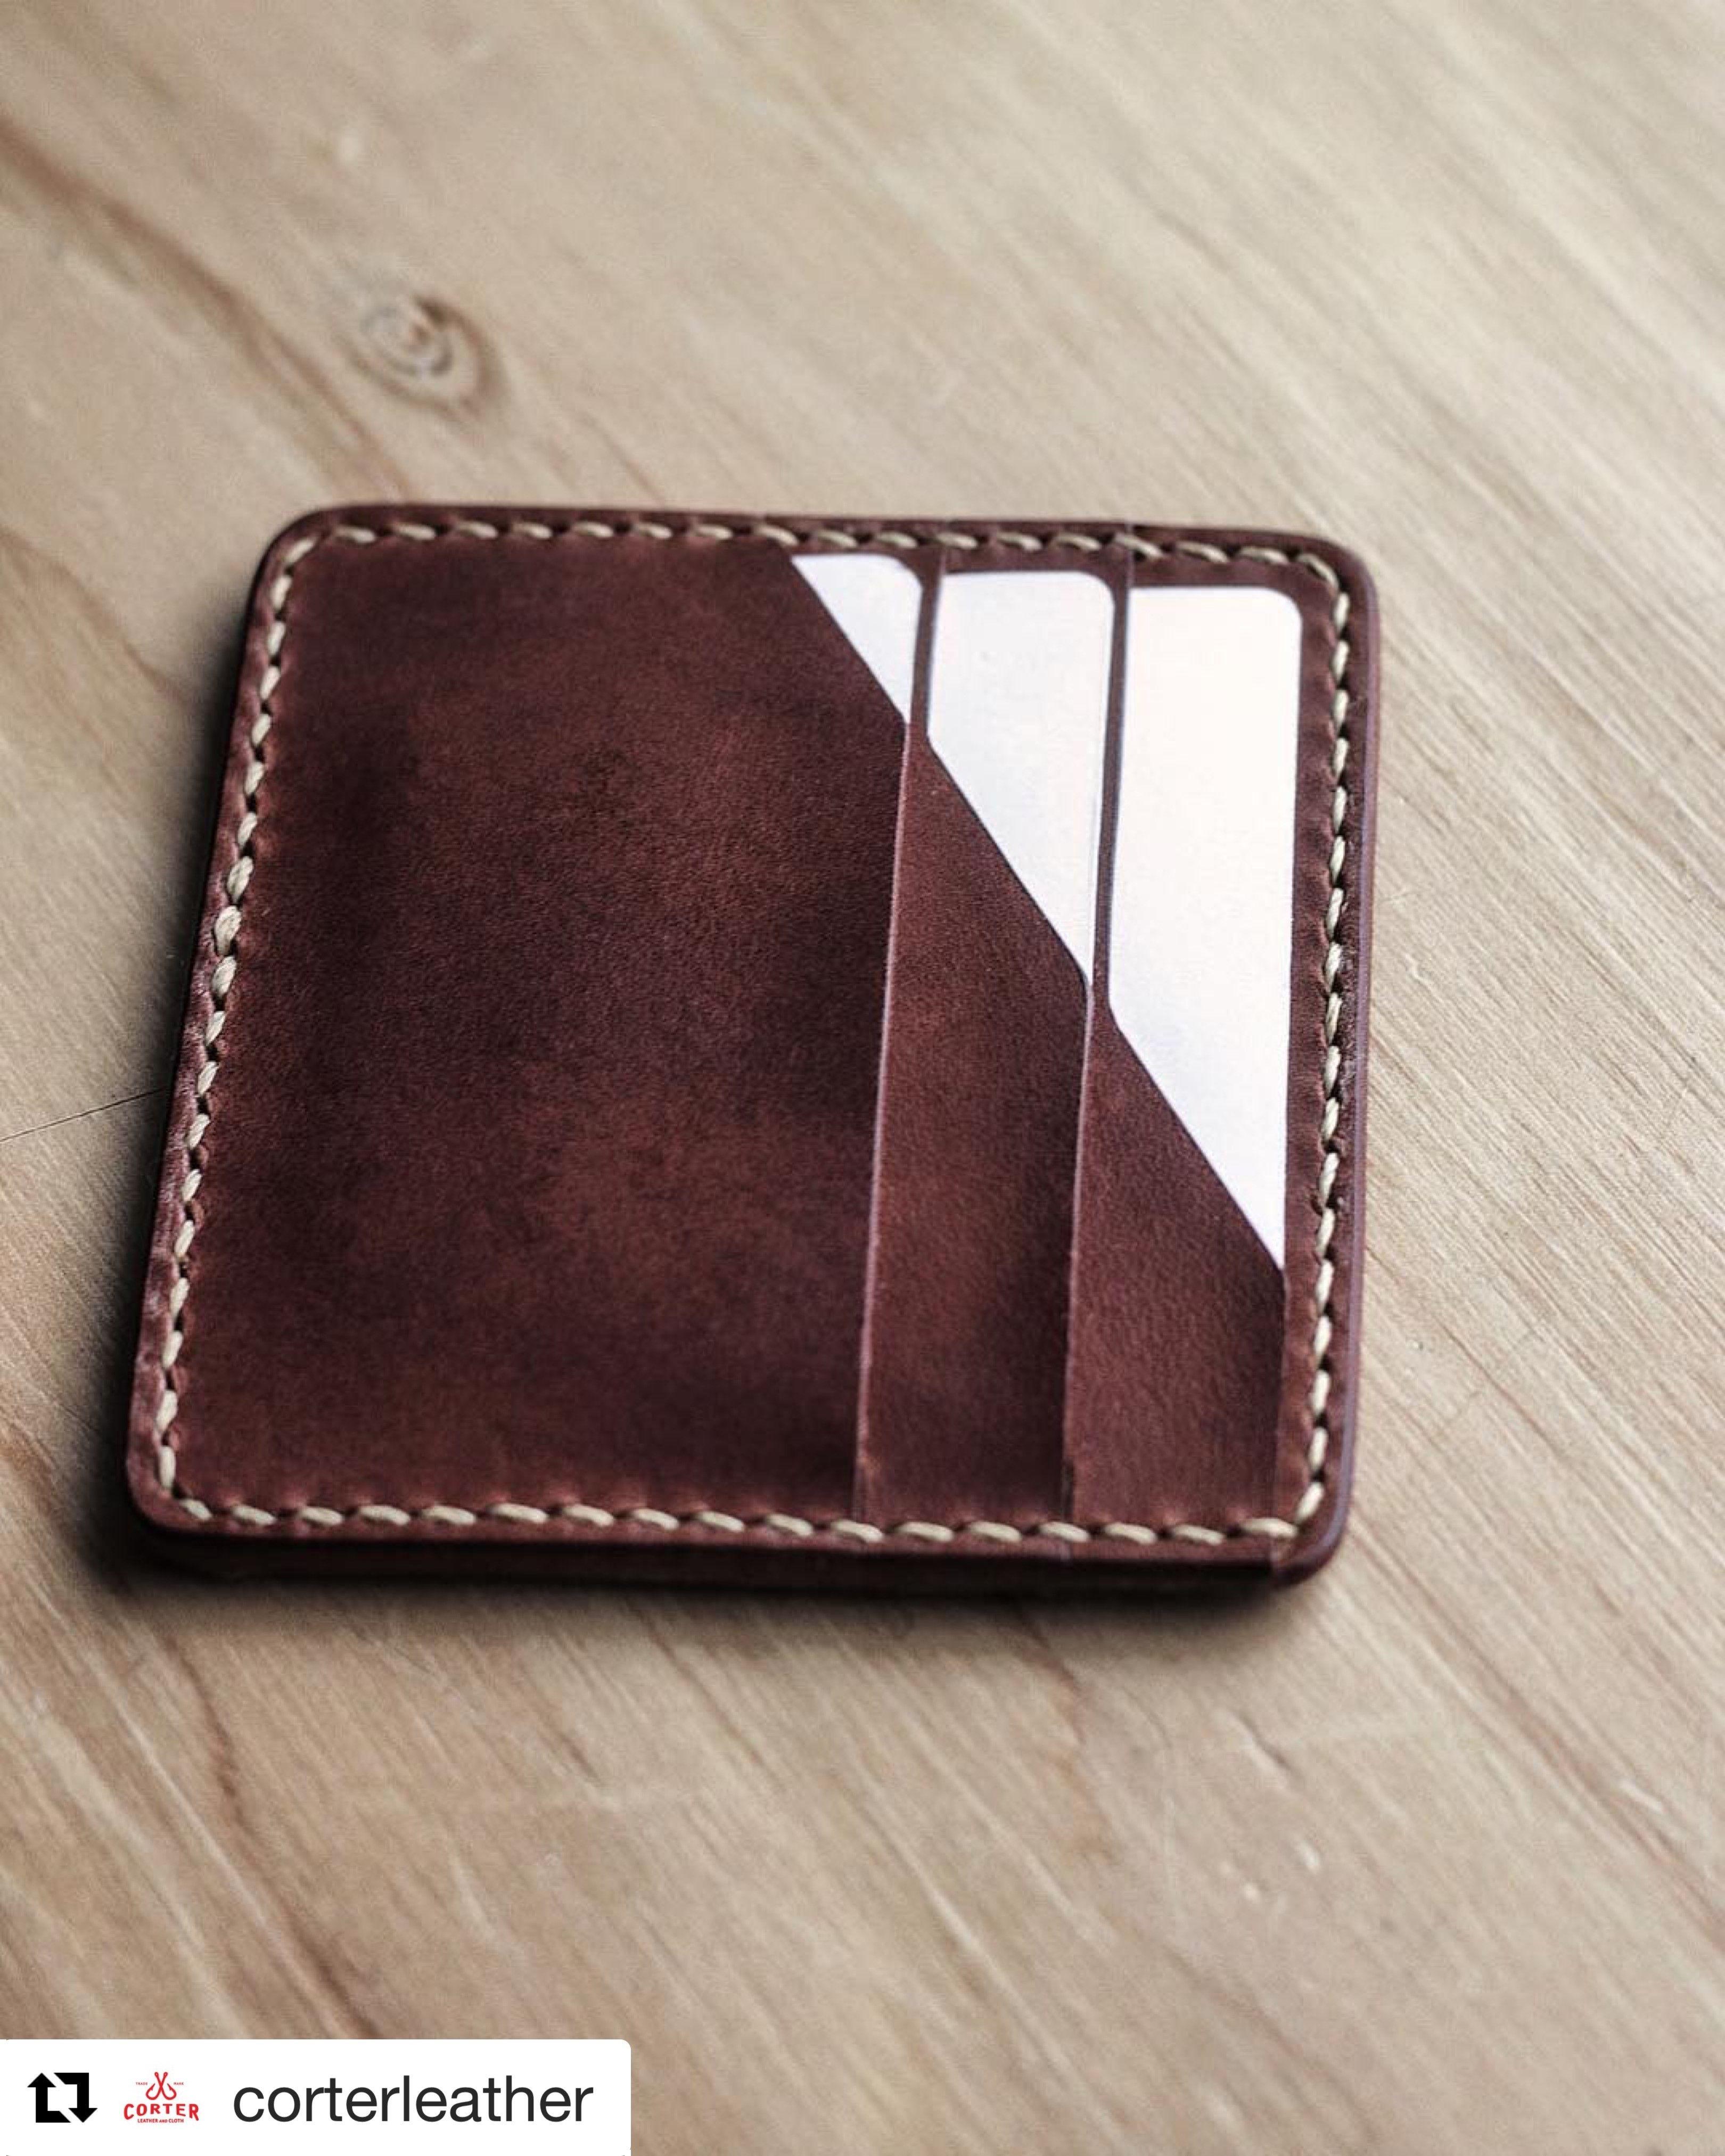 eae39757e Making a leather optical illusion card wallet | YouTube | Card ...